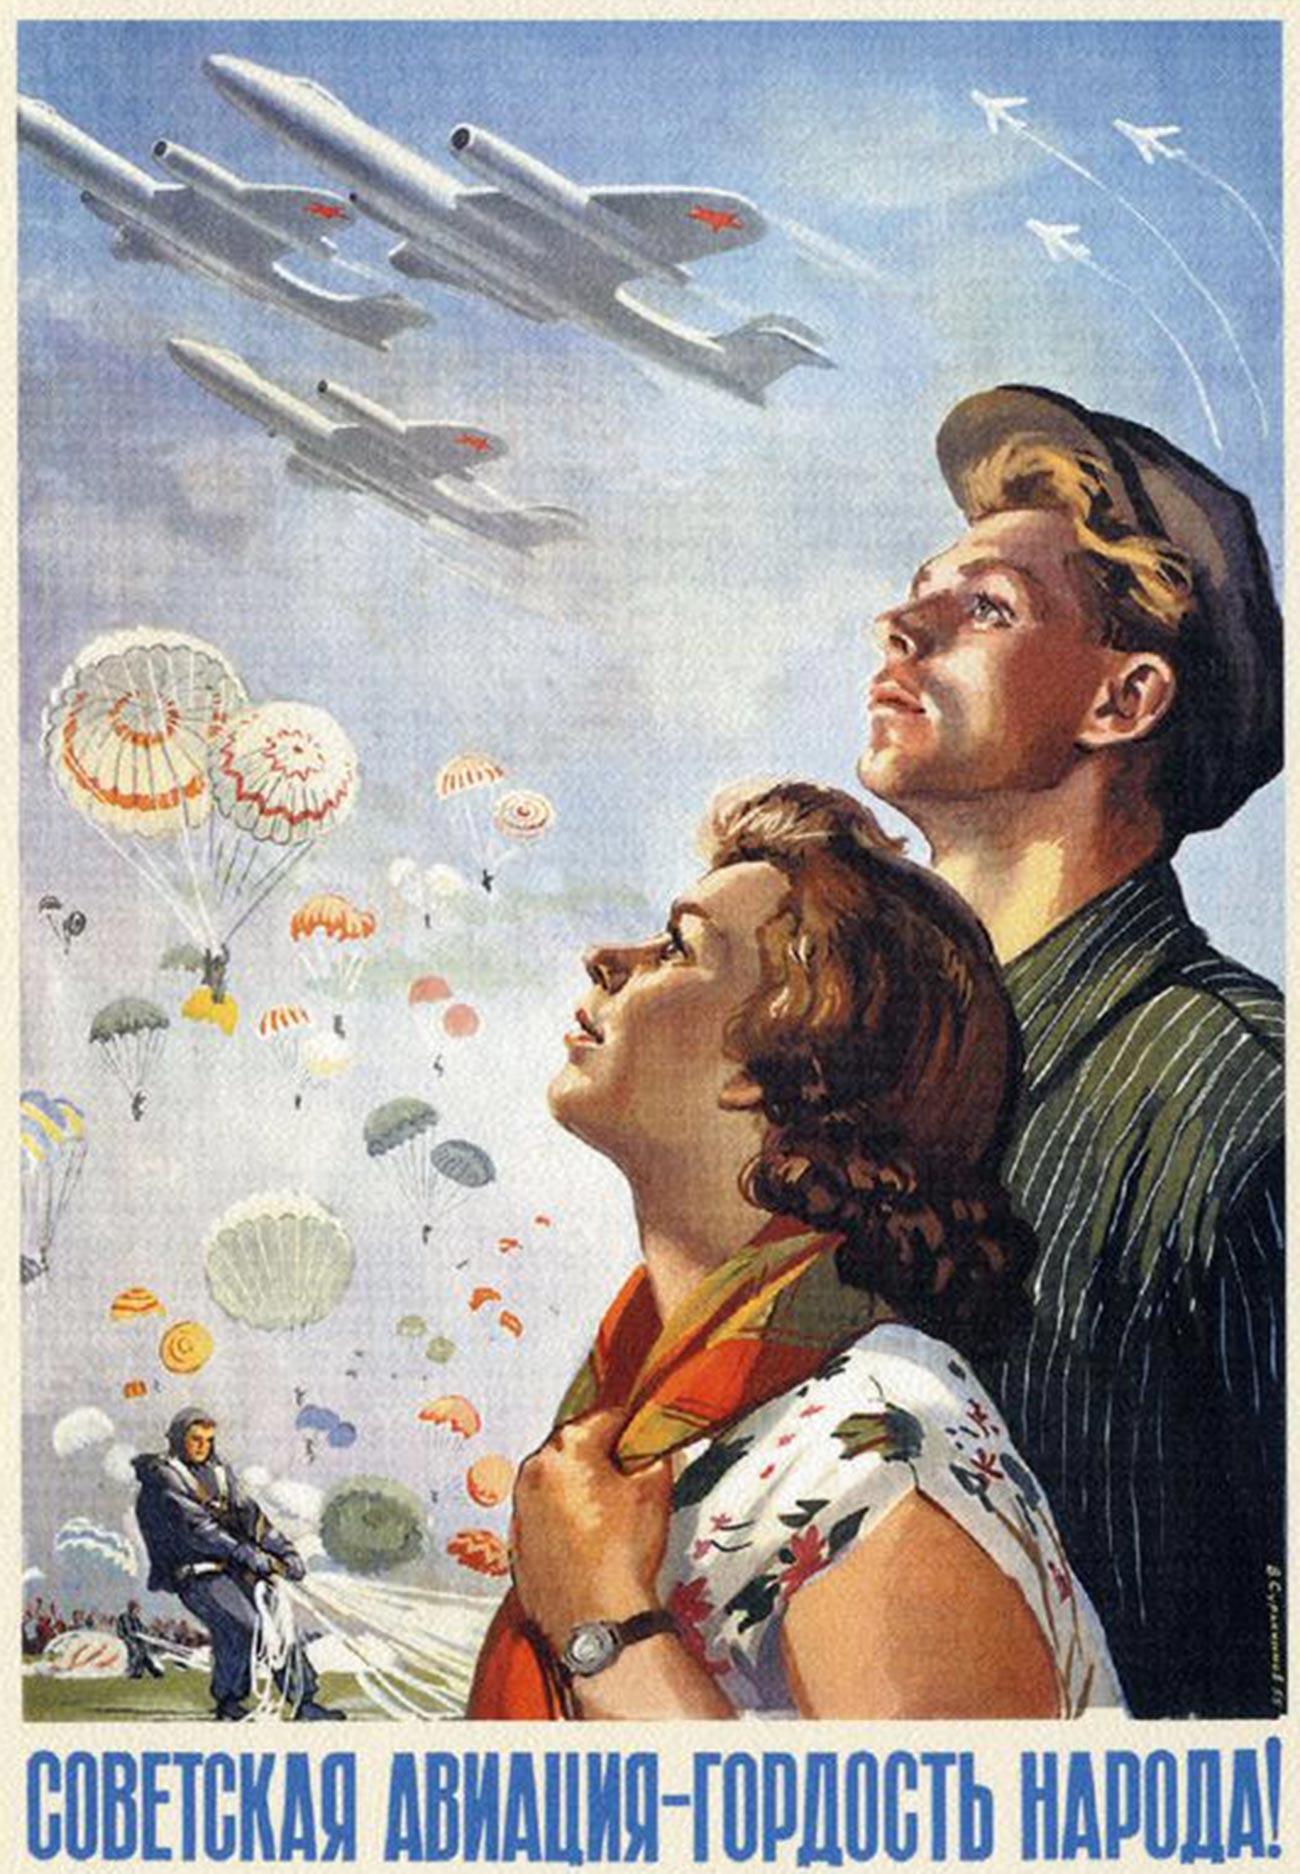 « L'aviation soviétique, fierté du peuple ! »